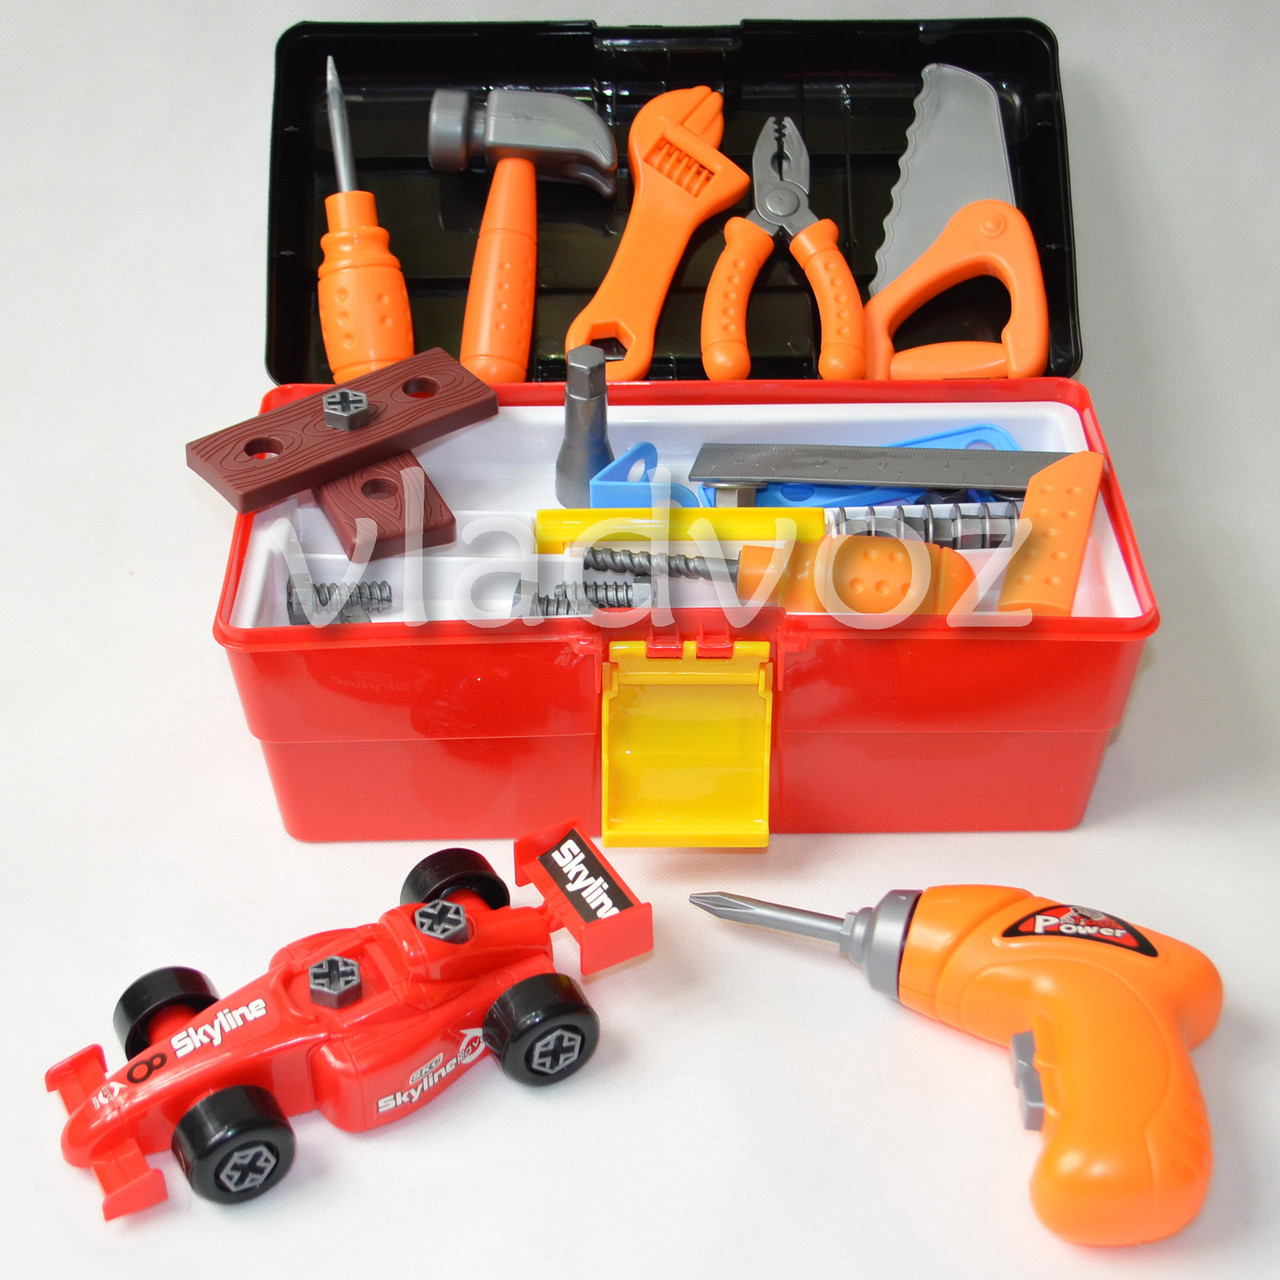 Детский набор инструментов Toolbox Center